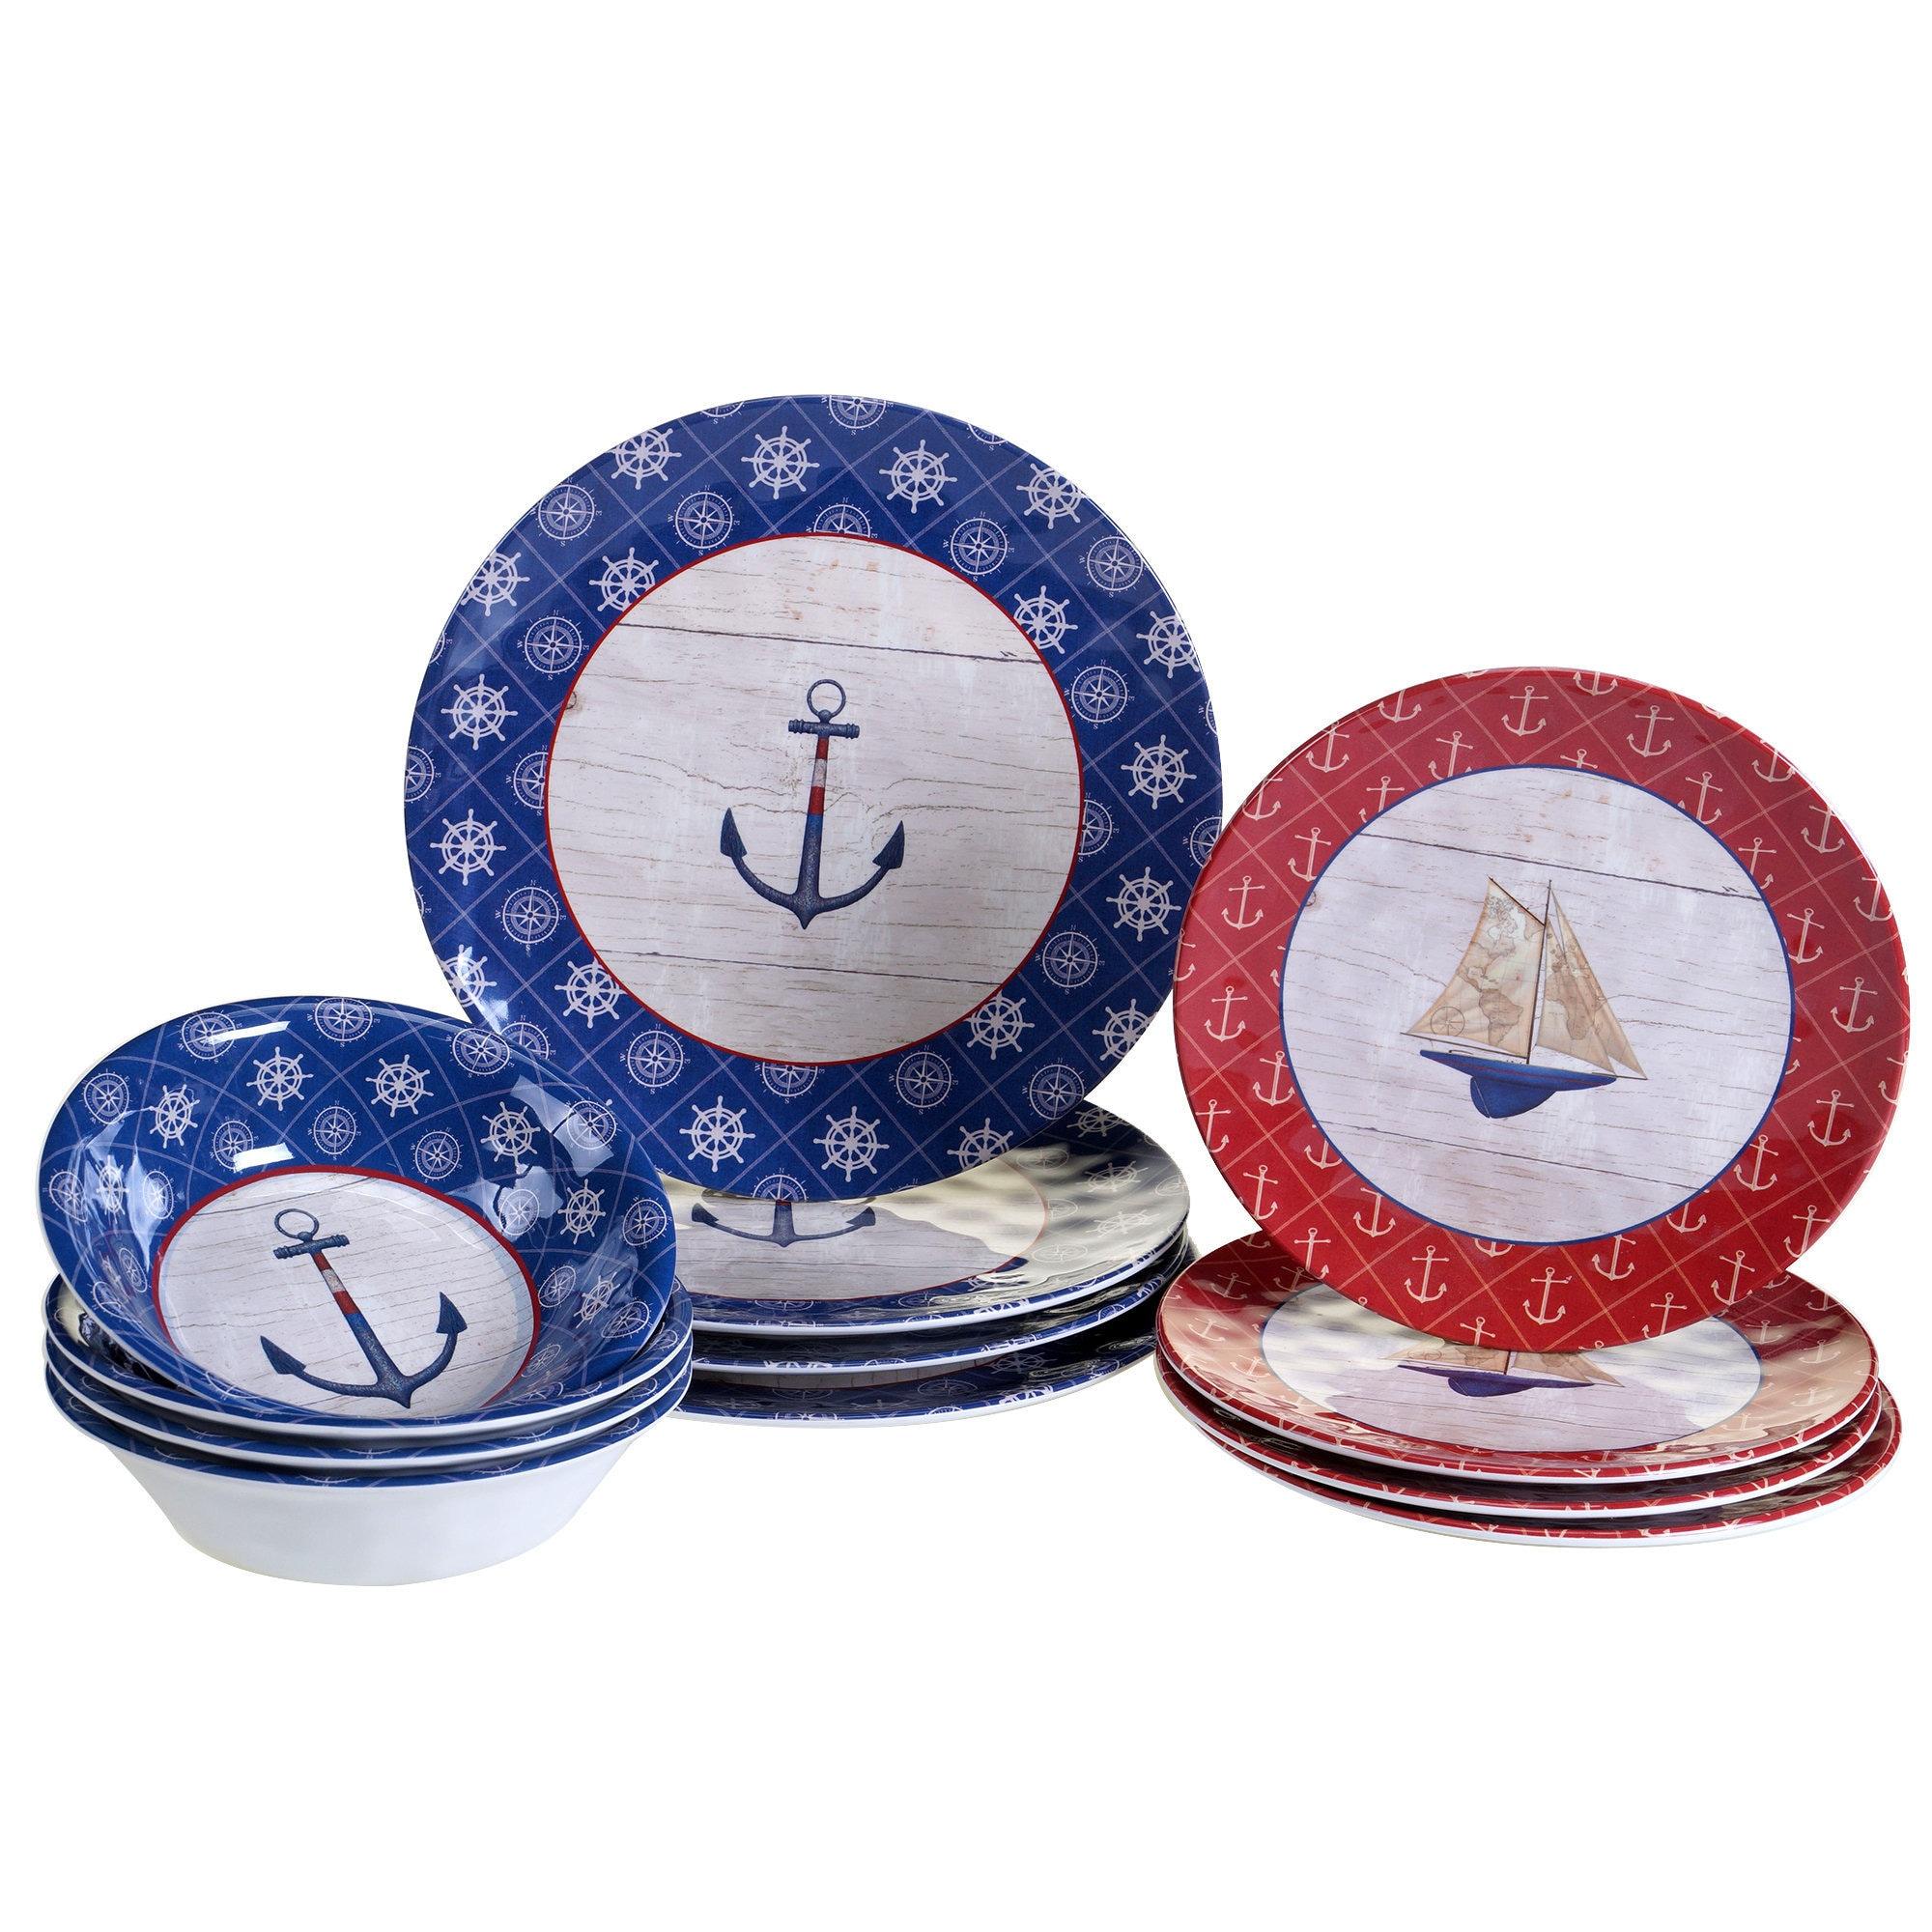 DETAILS. Nautical Design Nautique 12-pc Melamine Dinnerware Set ...  sc 1 st  eBay & Nautical Design Nautique 12-pc Melamine Dinnerware Set Dinner Plate ...